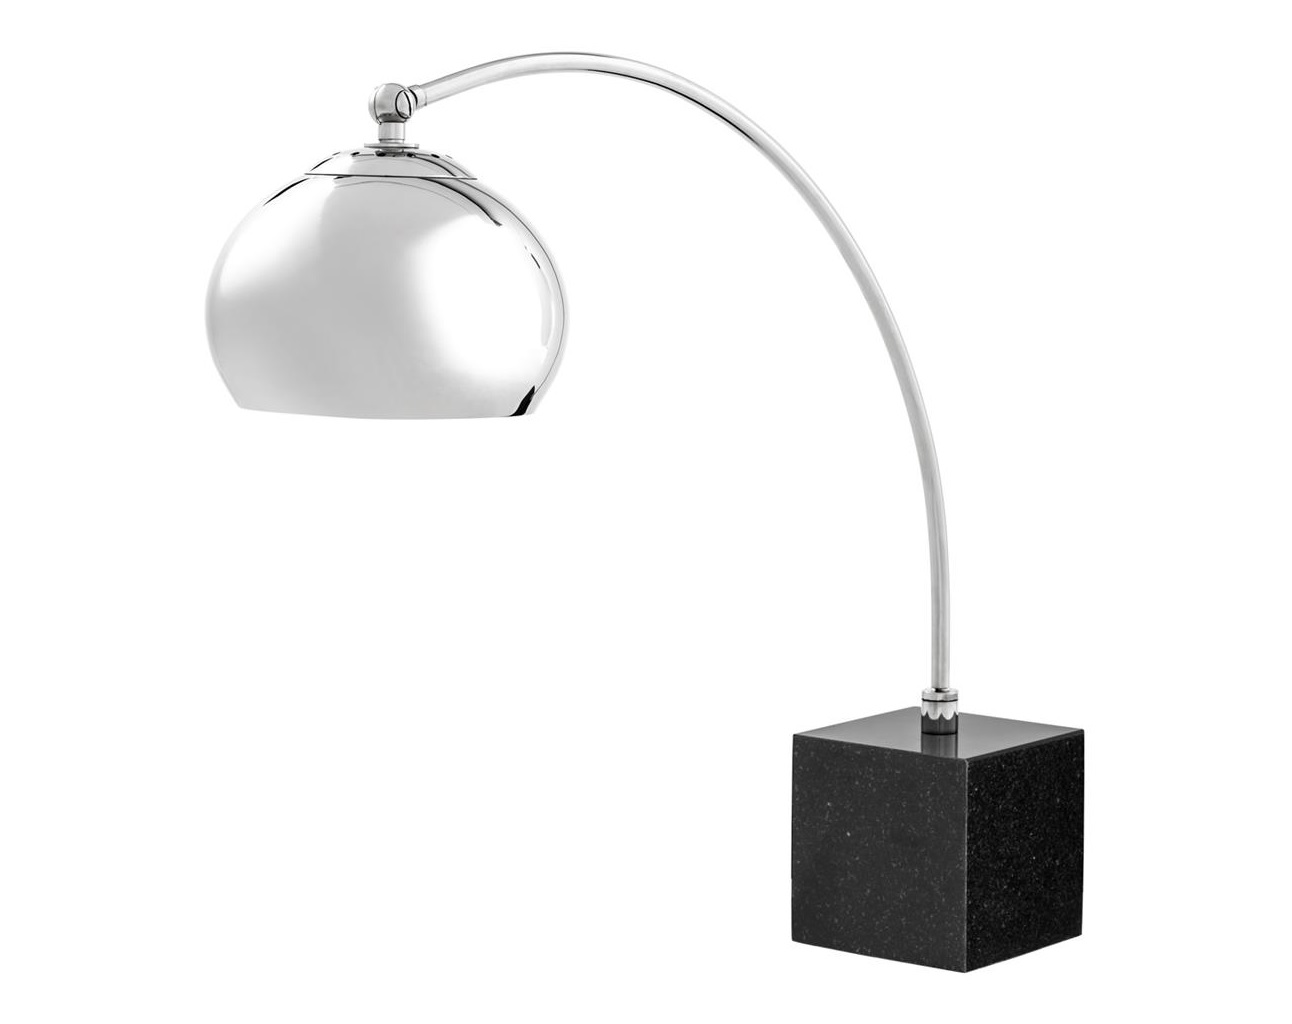 Настольная лампа Table Lamp 1955Настольные лампы<br>&amp;lt;div&amp;gt;Вид цоколя: E27&amp;lt;br&amp;gt;&amp;lt;/div&amp;gt;&amp;lt;div&amp;gt;&amp;lt;div&amp;gt;Мощность: 40W&amp;lt;/div&amp;gt;&amp;lt;div&amp;gt;Количество ламп: 1 (нет в комплекте)&amp;lt;/div&amp;gt;&amp;lt;/div&amp;gt;<br><br>Material: Металл<br>Ширина см: 14<br>Высота см: 61<br>Глубина см: 71